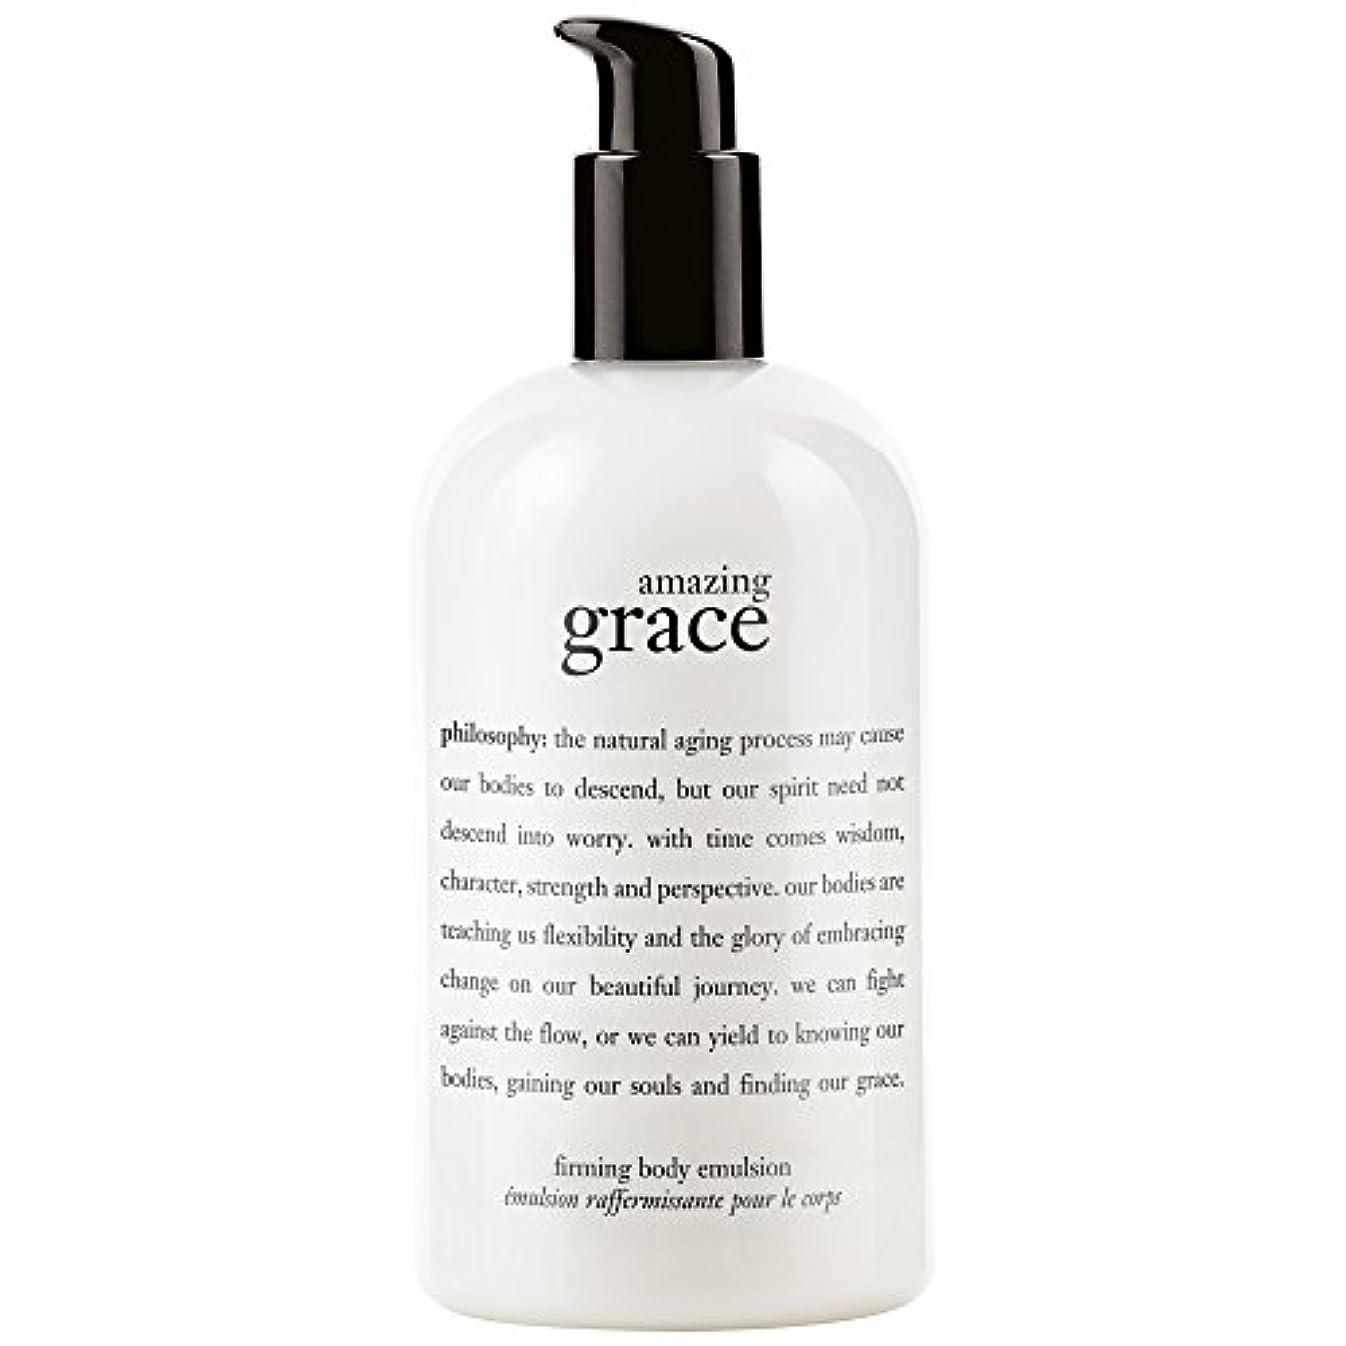 ボクシングマルクス主義者馬鹿哲学驚くべき恵み引き締めボディエマルジョン480ミリリットル (Philosophy) - Philosophy Amazing Grace Firming Body Emulsion 480ml [並行輸入品]